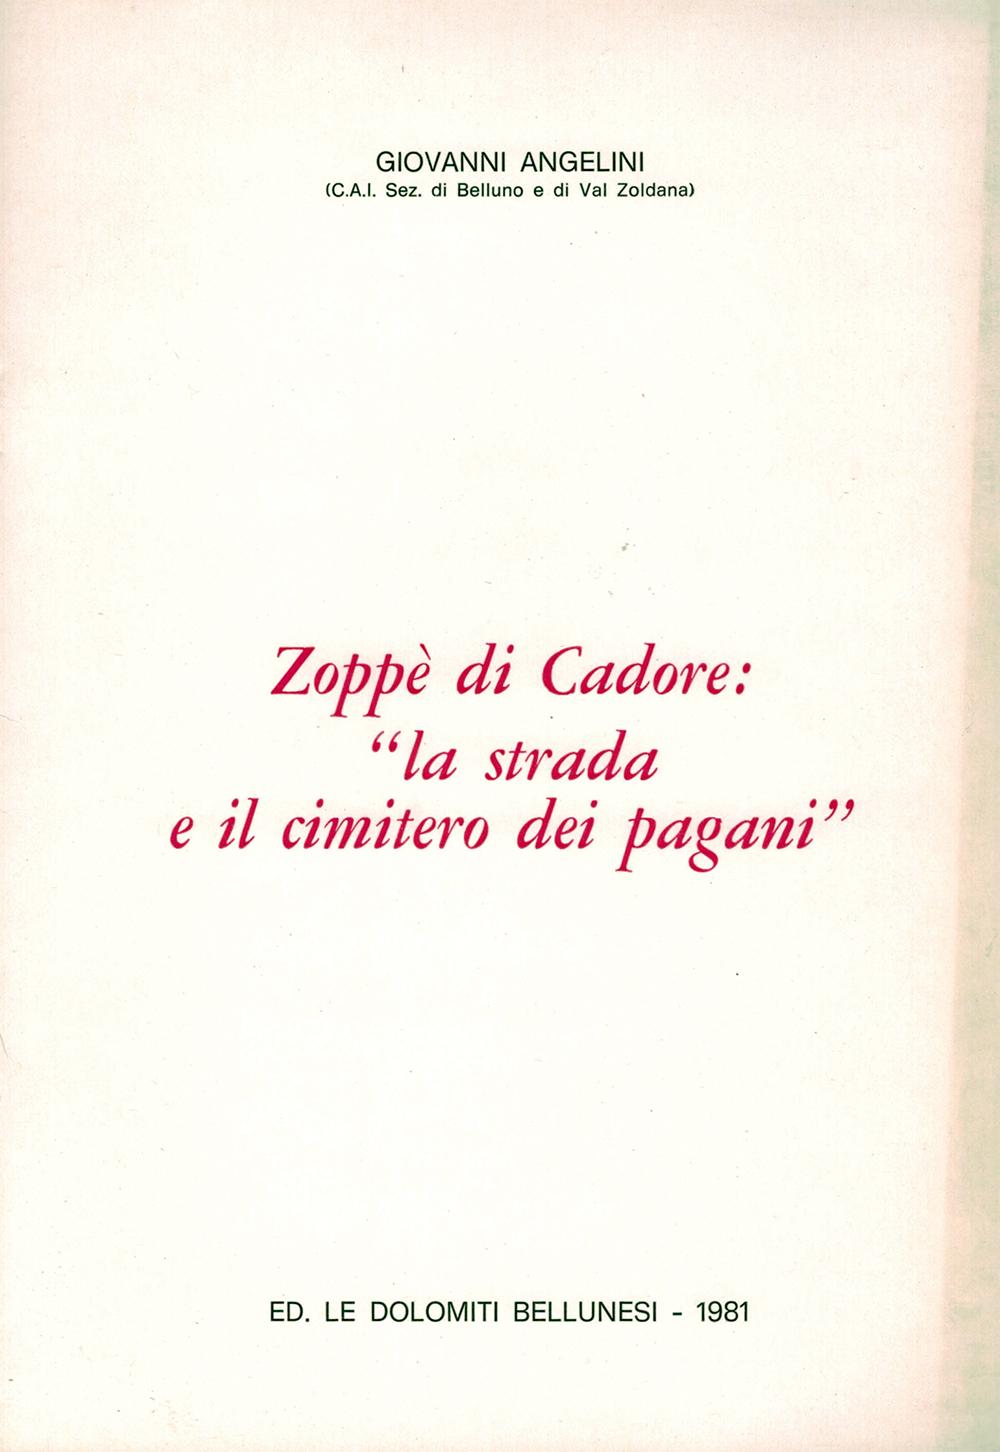 Zoppè di Cadore